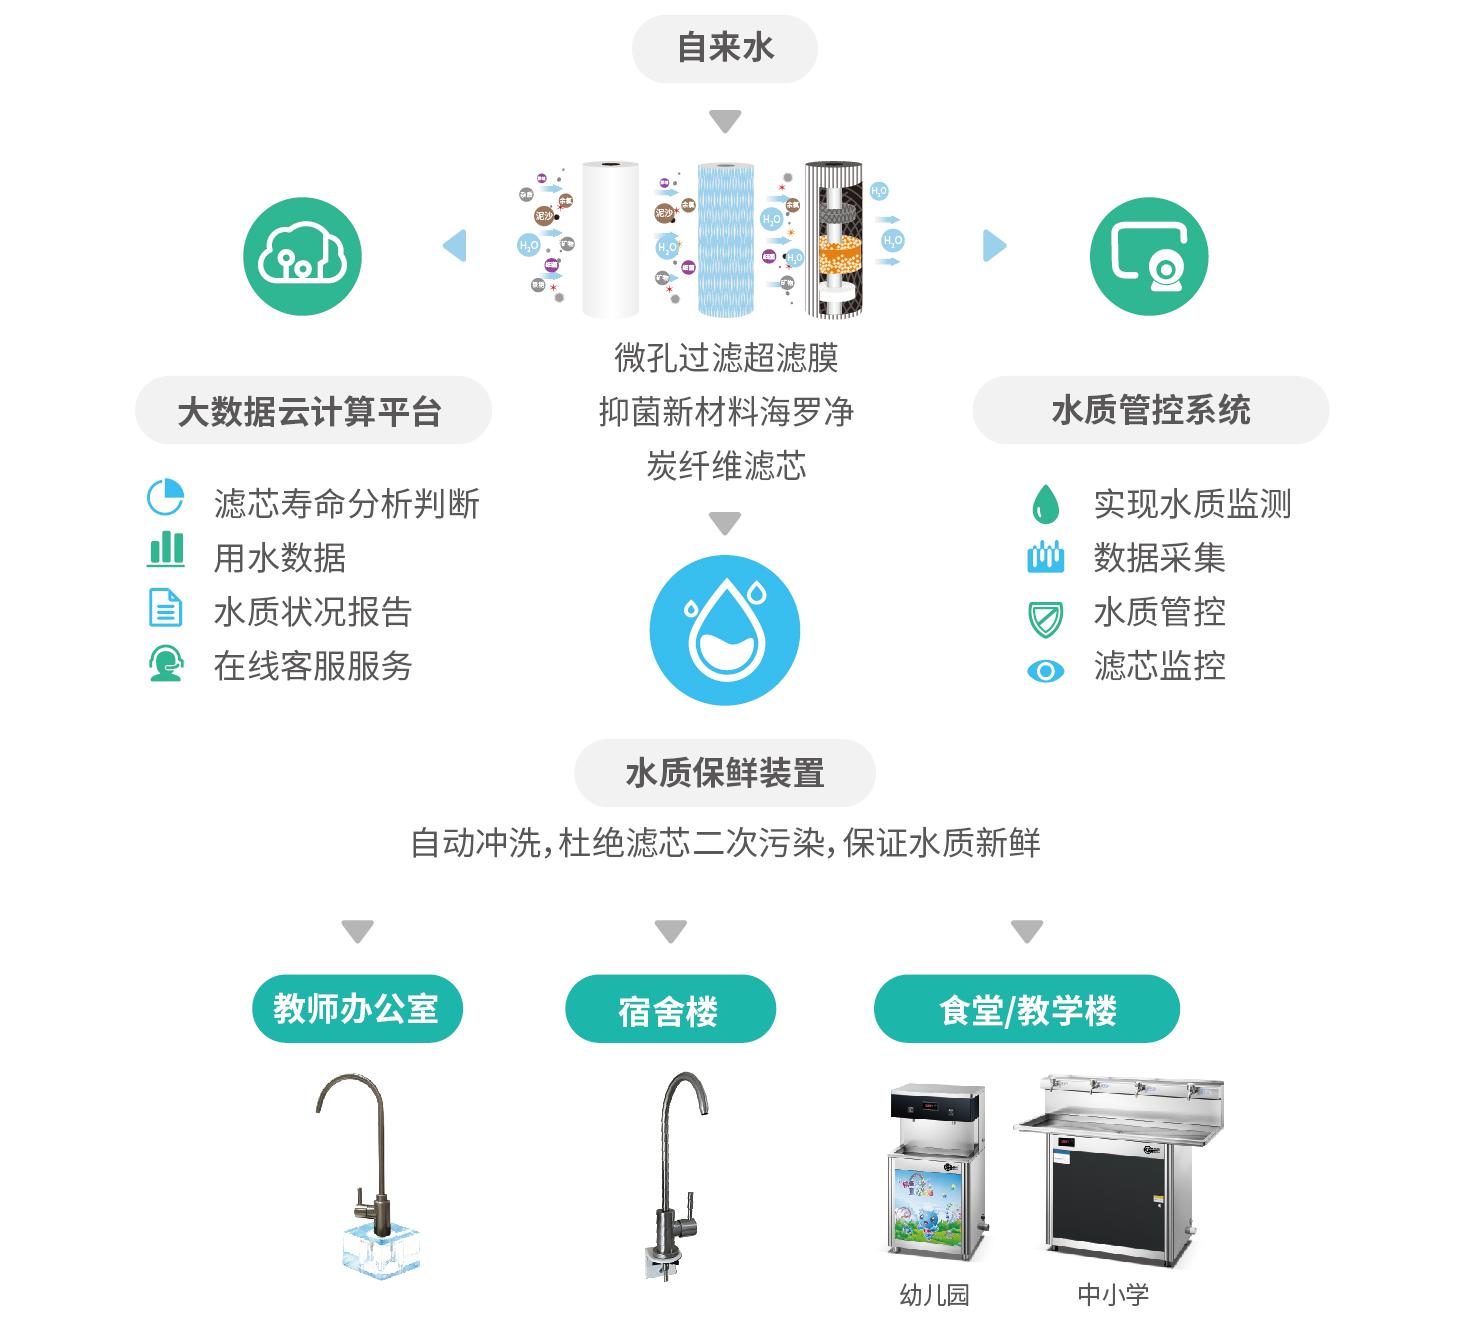 区块链NB-IoT优水管控系统——教育行业解决方案